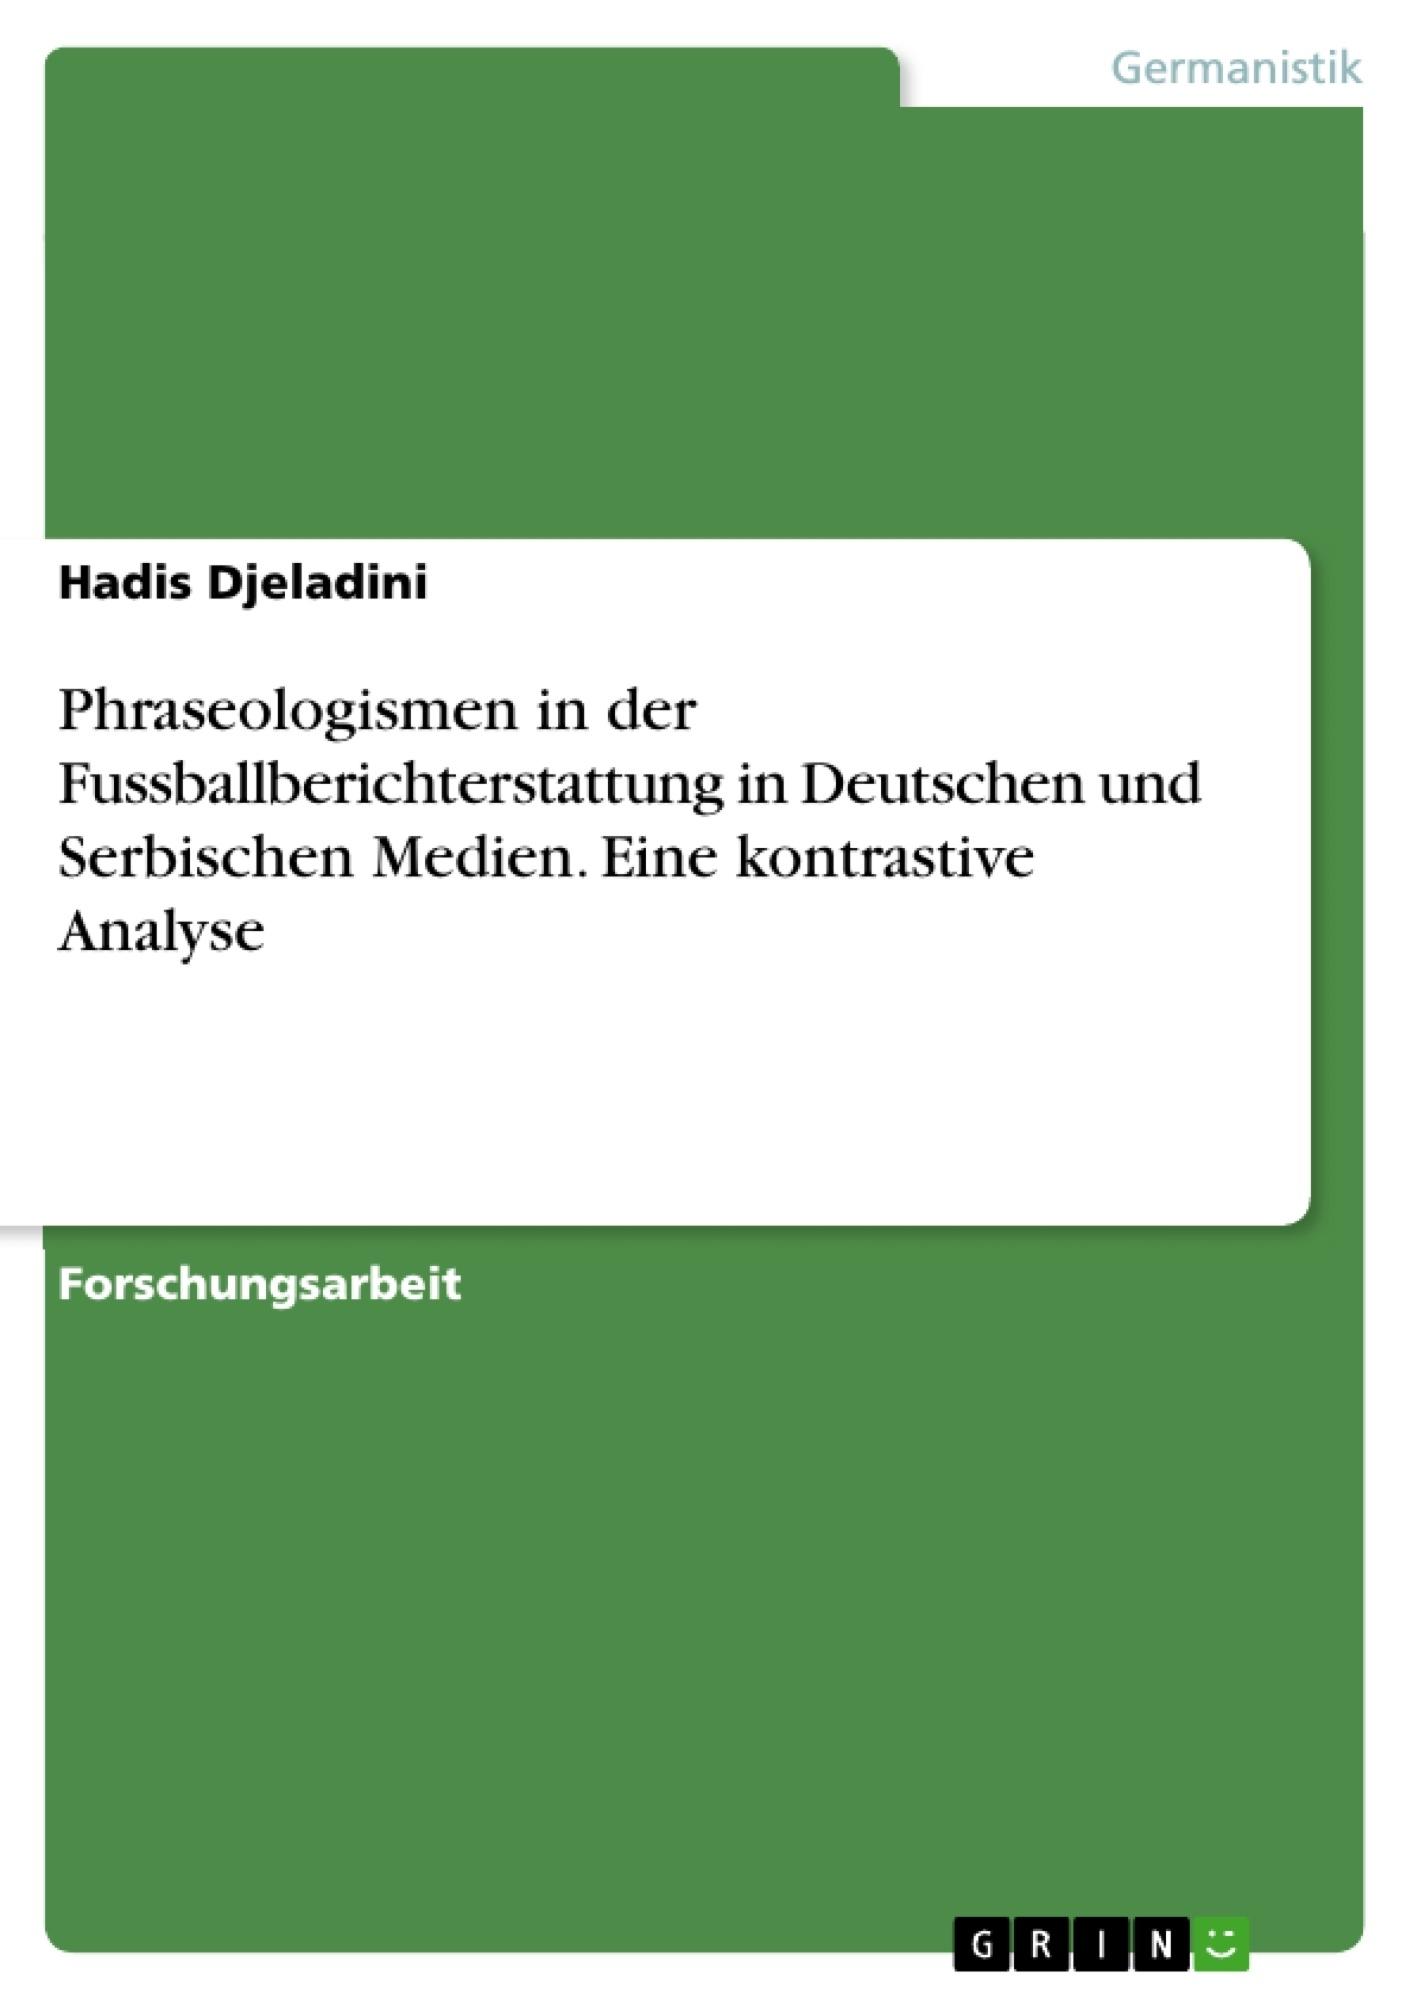 Titel: Phraseologismen in der Fussballberichterstattung in Deutschen und Serbischen Medien. Eine kontrastive Analyse